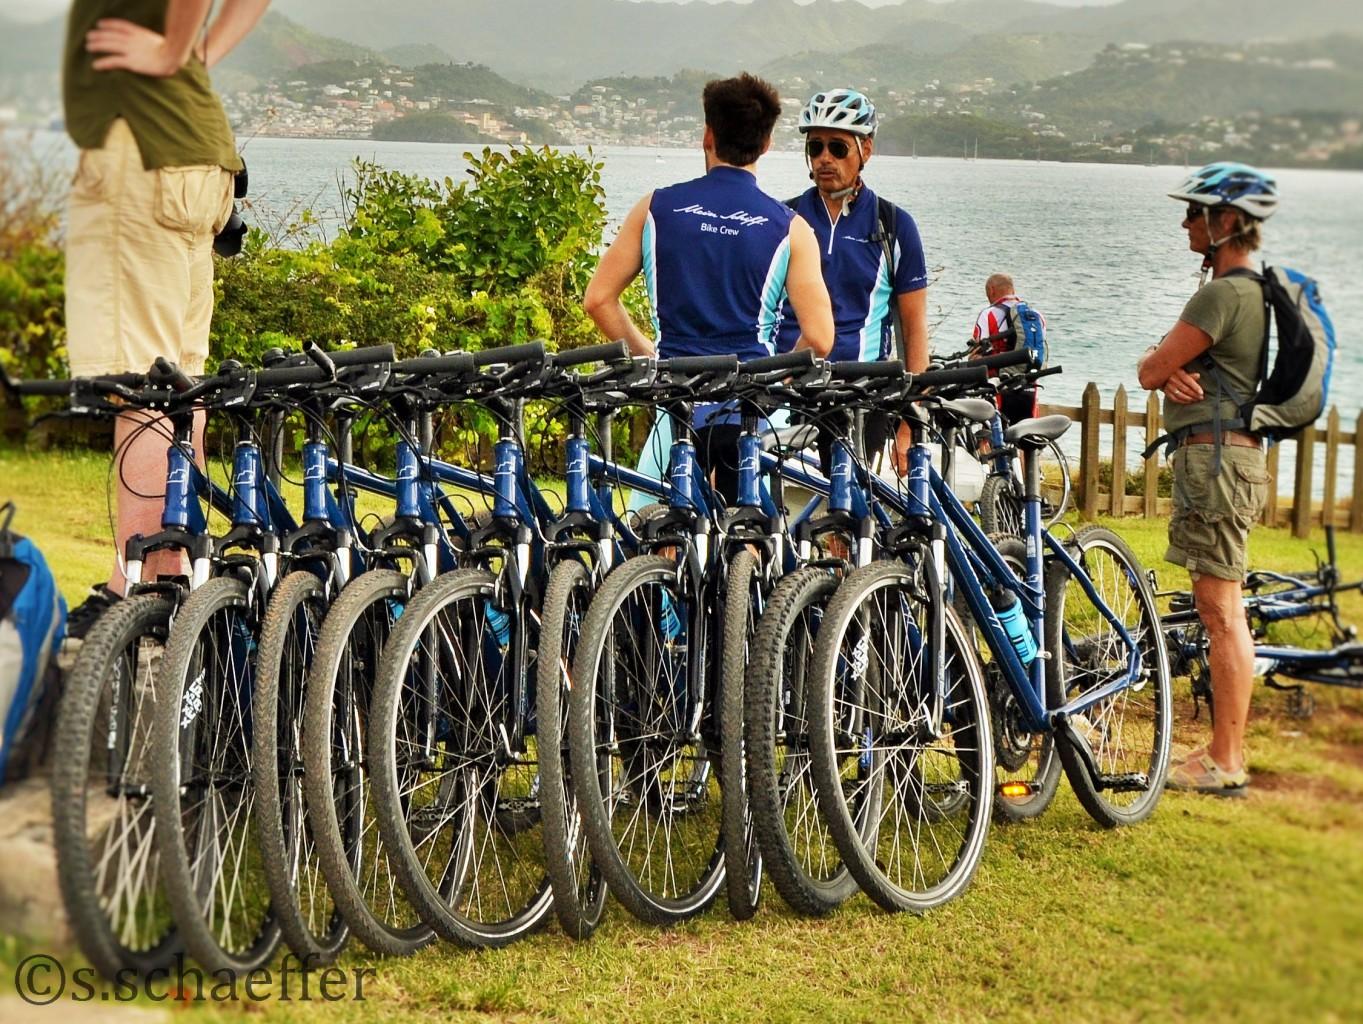 Biking auf Landgängen wird während Kreuzfahrten immer beliebter